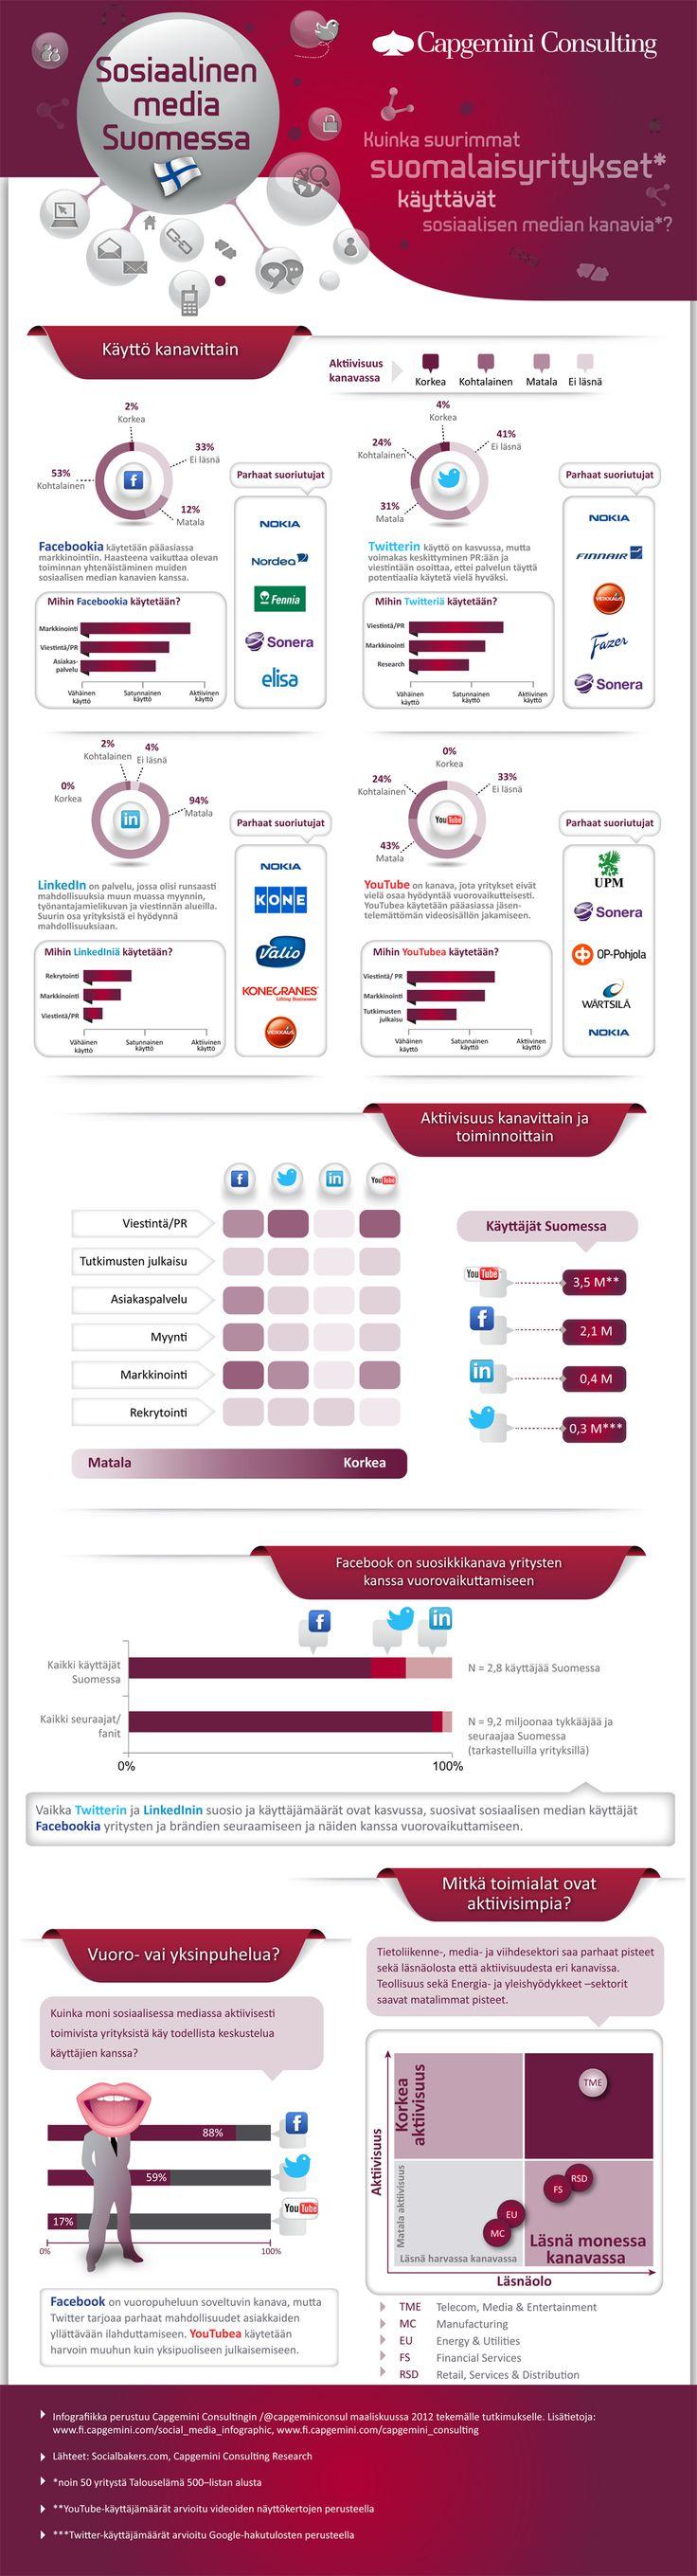 Kuinka suurimmat suomalaisyritykset käyttävät sosiaalisen median kanavia via @Capgemini